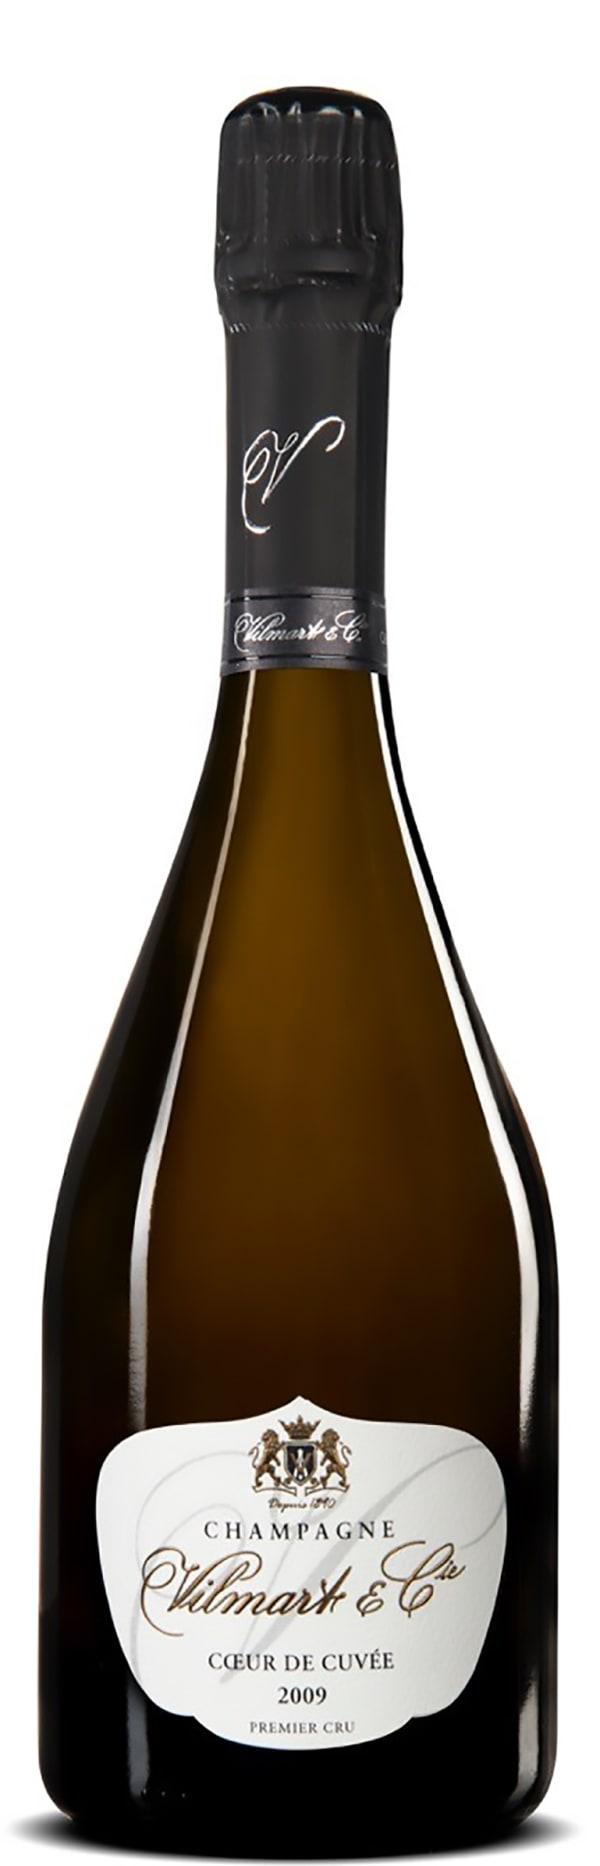 Vilmart & Cie Coeur de Cuvée Premier Cru Champagne Brut 2011